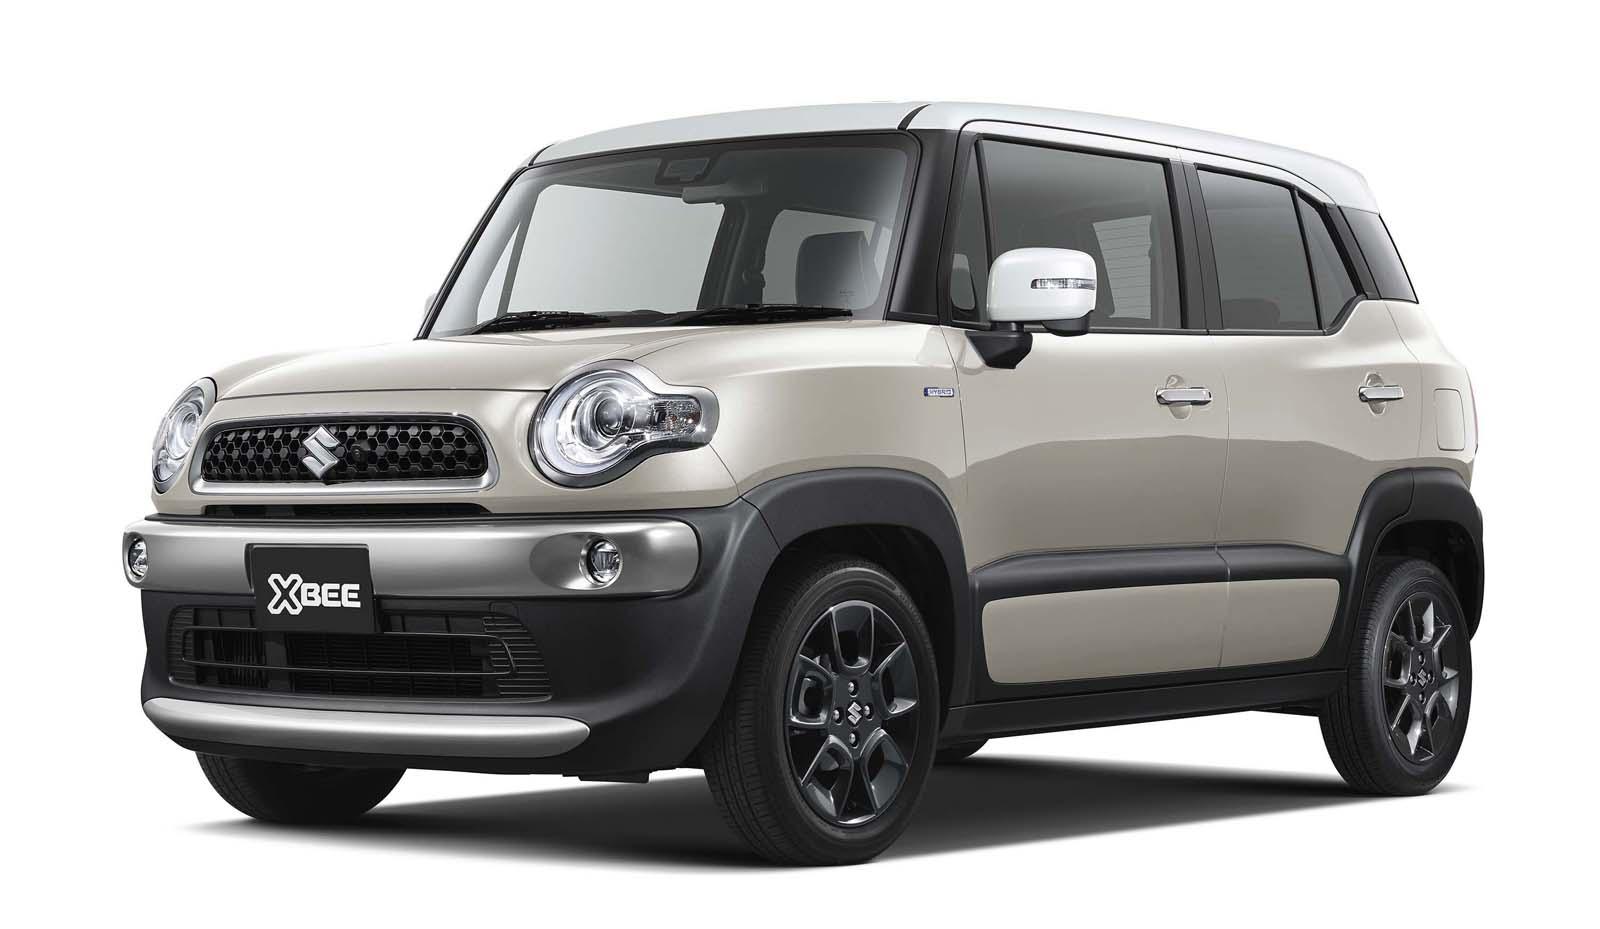 Suzuki Xbee 2018 (2)